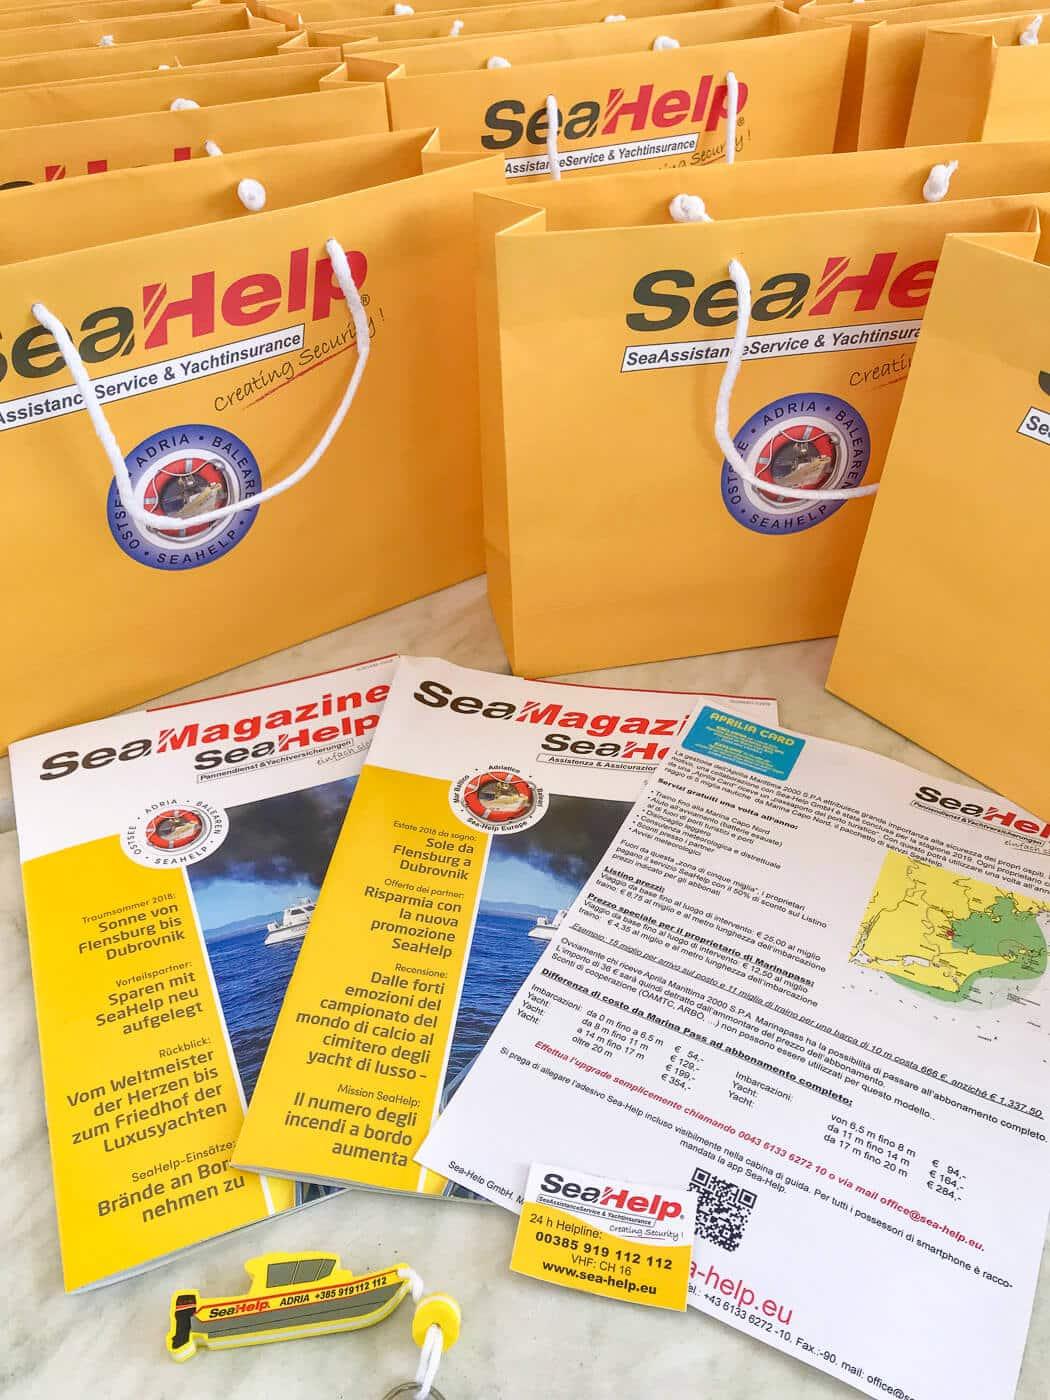 SeaHelp-Marinapass für alle Dauerlieger der Marina Capo Nord